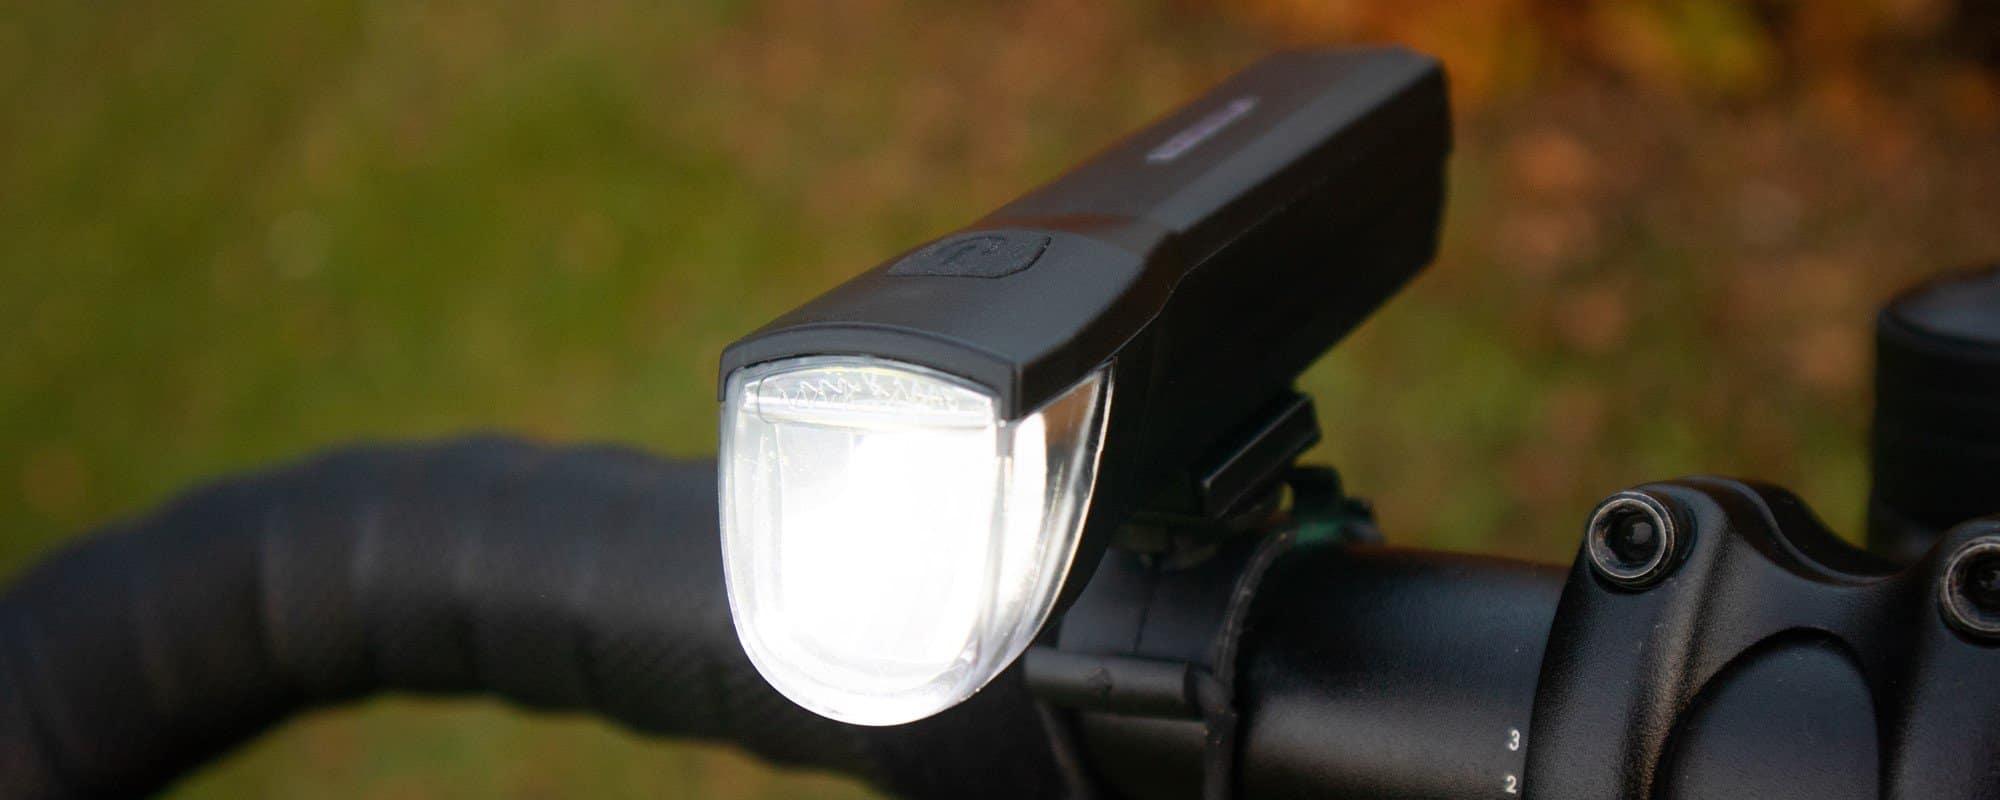 FISCHER LED Beleuchtungsset Test - Es werde Licht! Überzeugt das günstige Fahrradlicht?